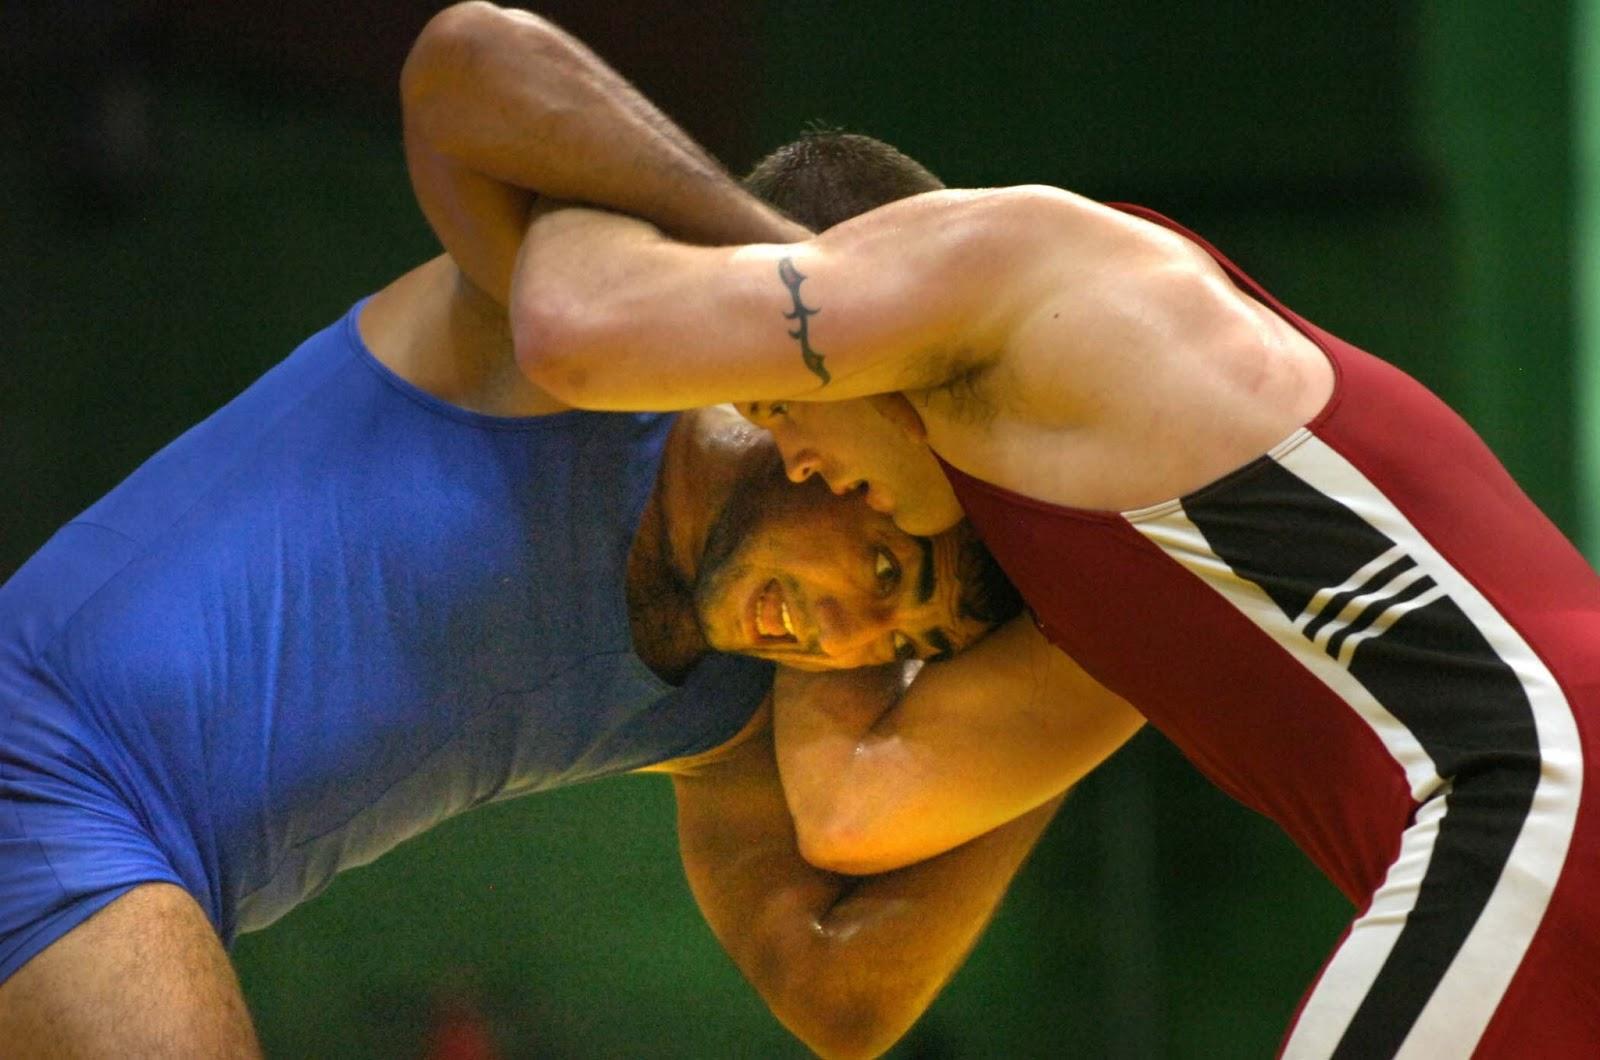 http://2.bp.blogspot.com/-Tn5Wl8wVfLA/UUiXkDTOe1I/AAAAAAAABWw/N5DbuSlgOA4/s1600/wrestling.jpg